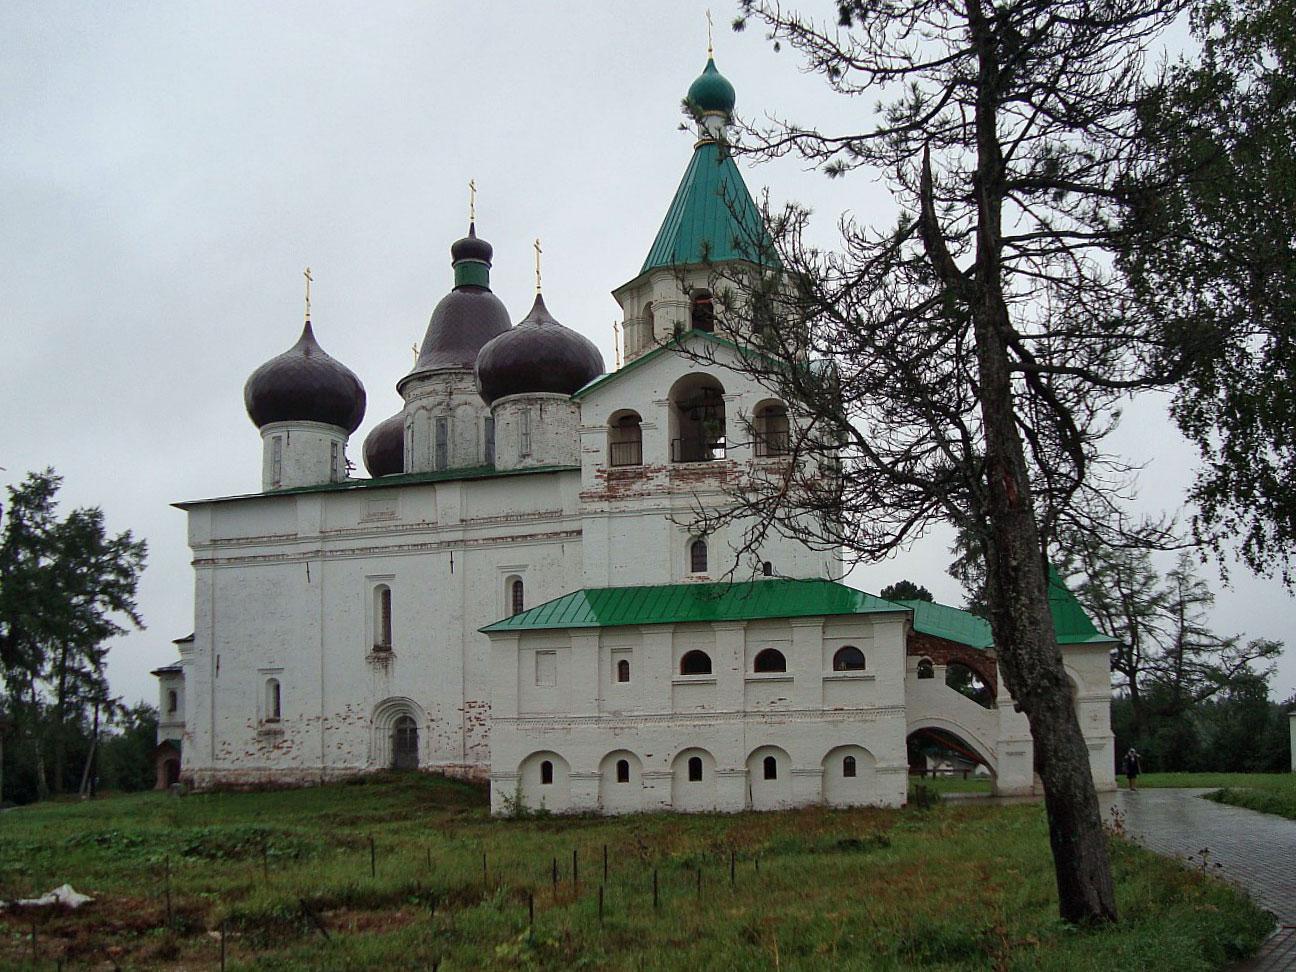 Антониево-Сийский монастырь, Троицкий собор с колокольней